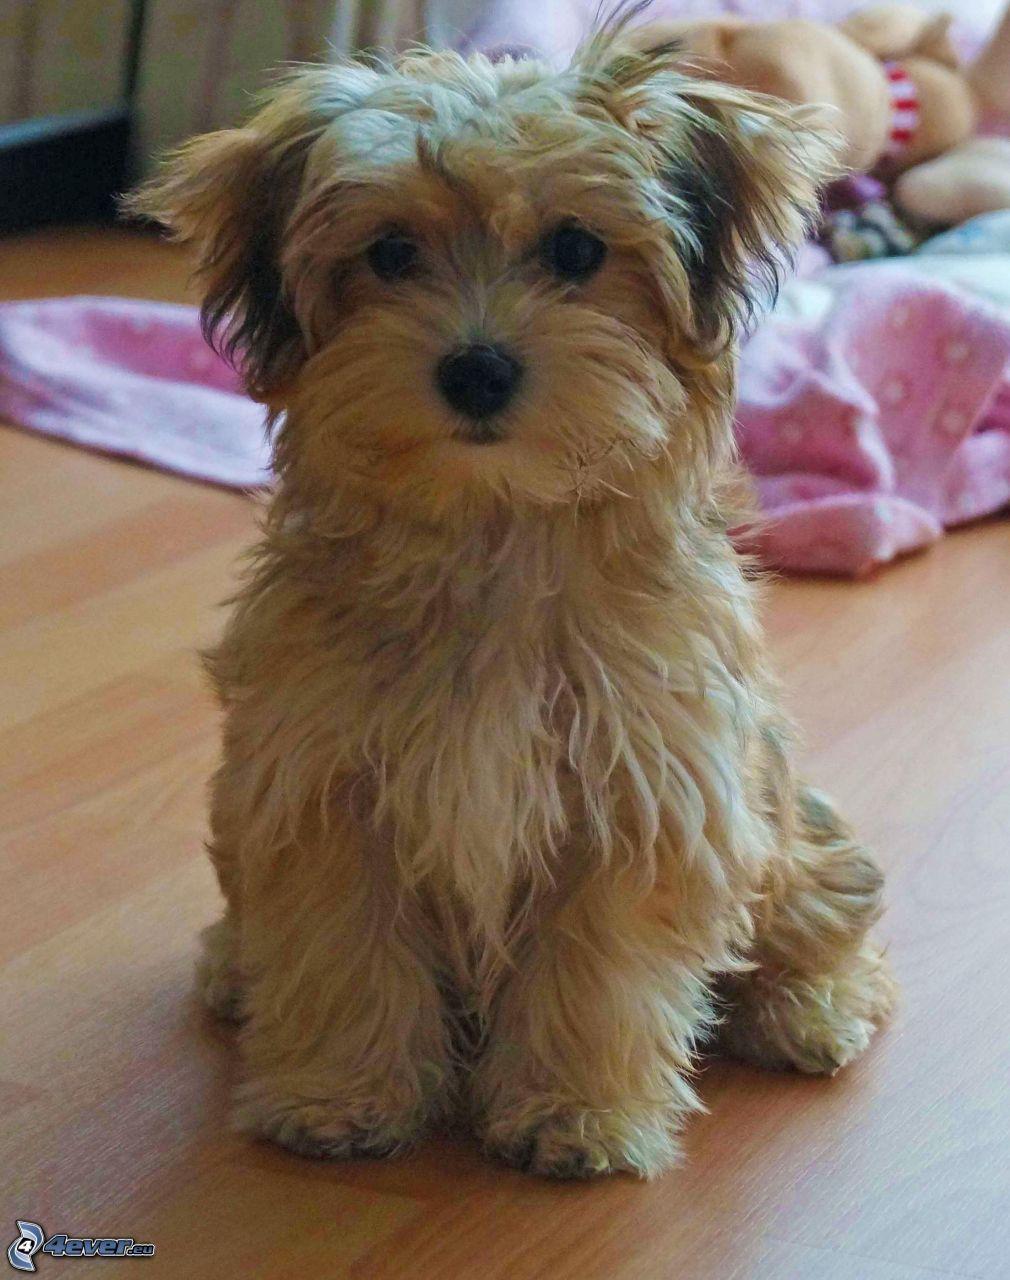 Havaneser 1010 X 1280 Px Tiere Hunde Bilder Und Hintergrunde Tiere Hund Havaneser Hunde Bilder